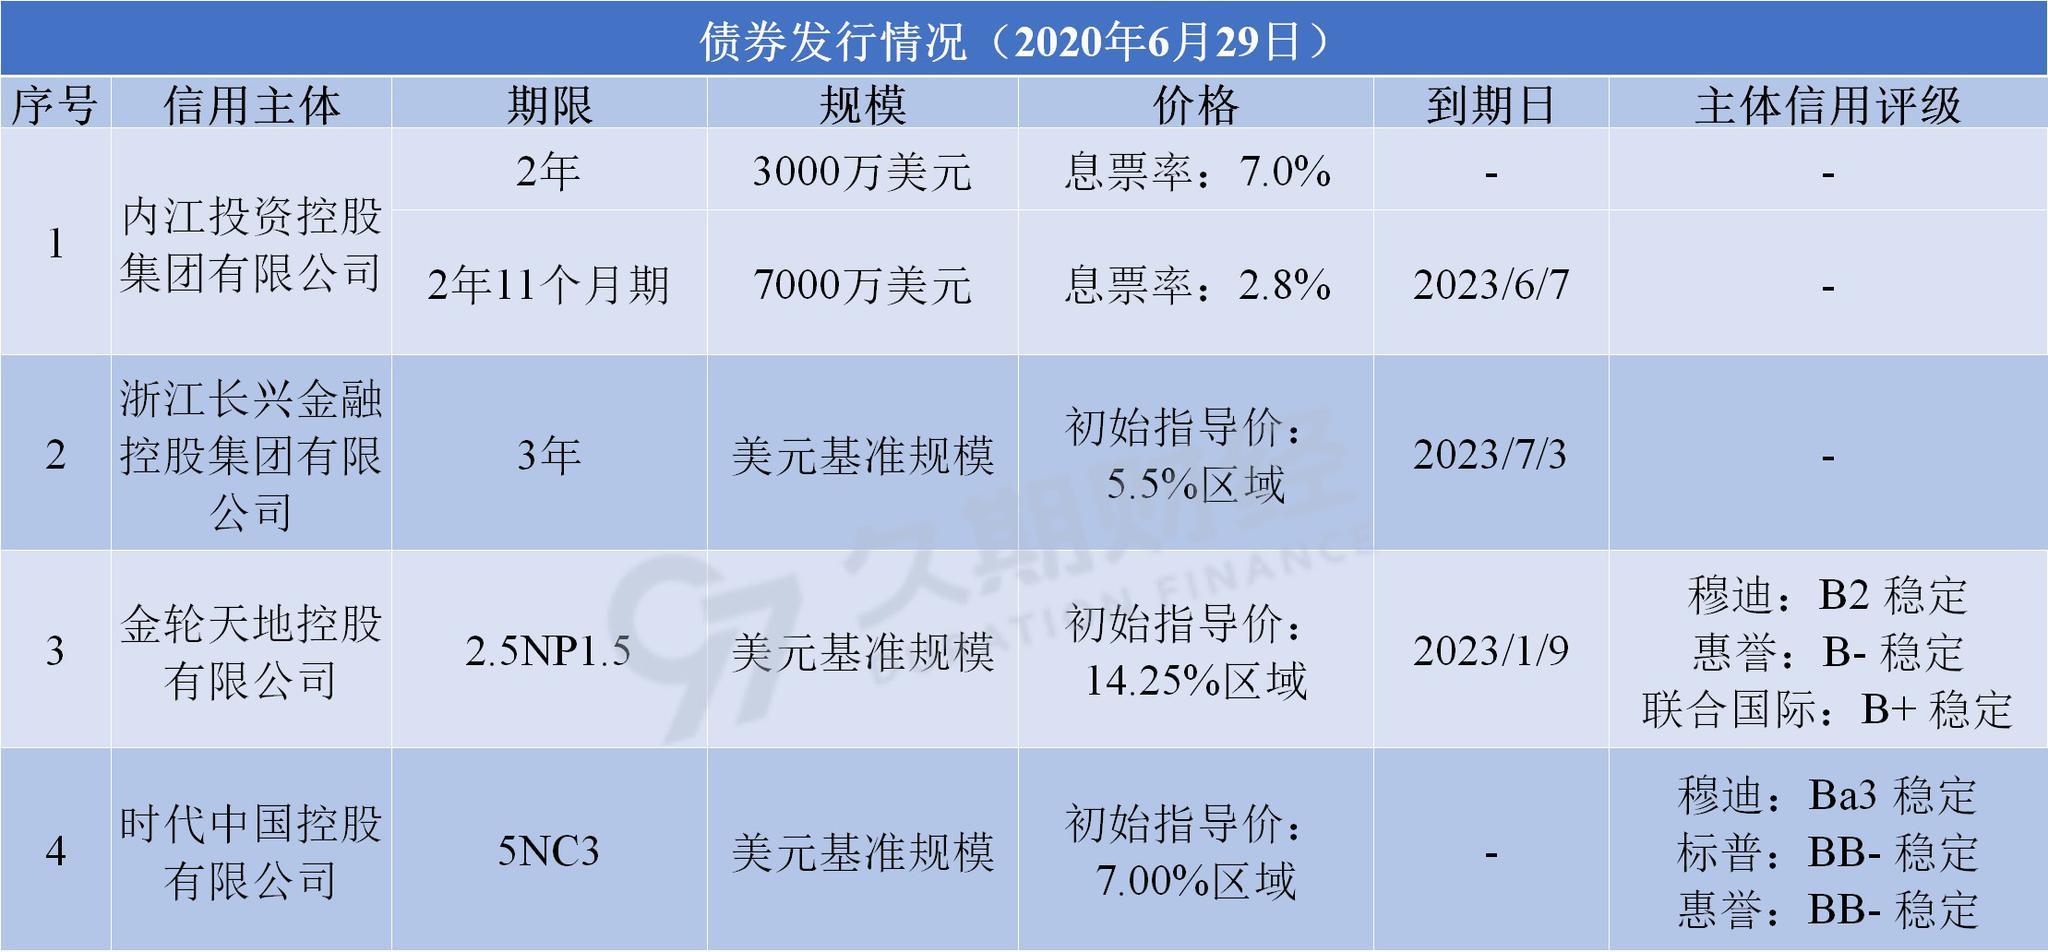 中资离岸债每日总结(6.29) | 内江投控,长兴金控集团,金轮天地控股(01232.HK),时代中国控股(01233.HK)发行